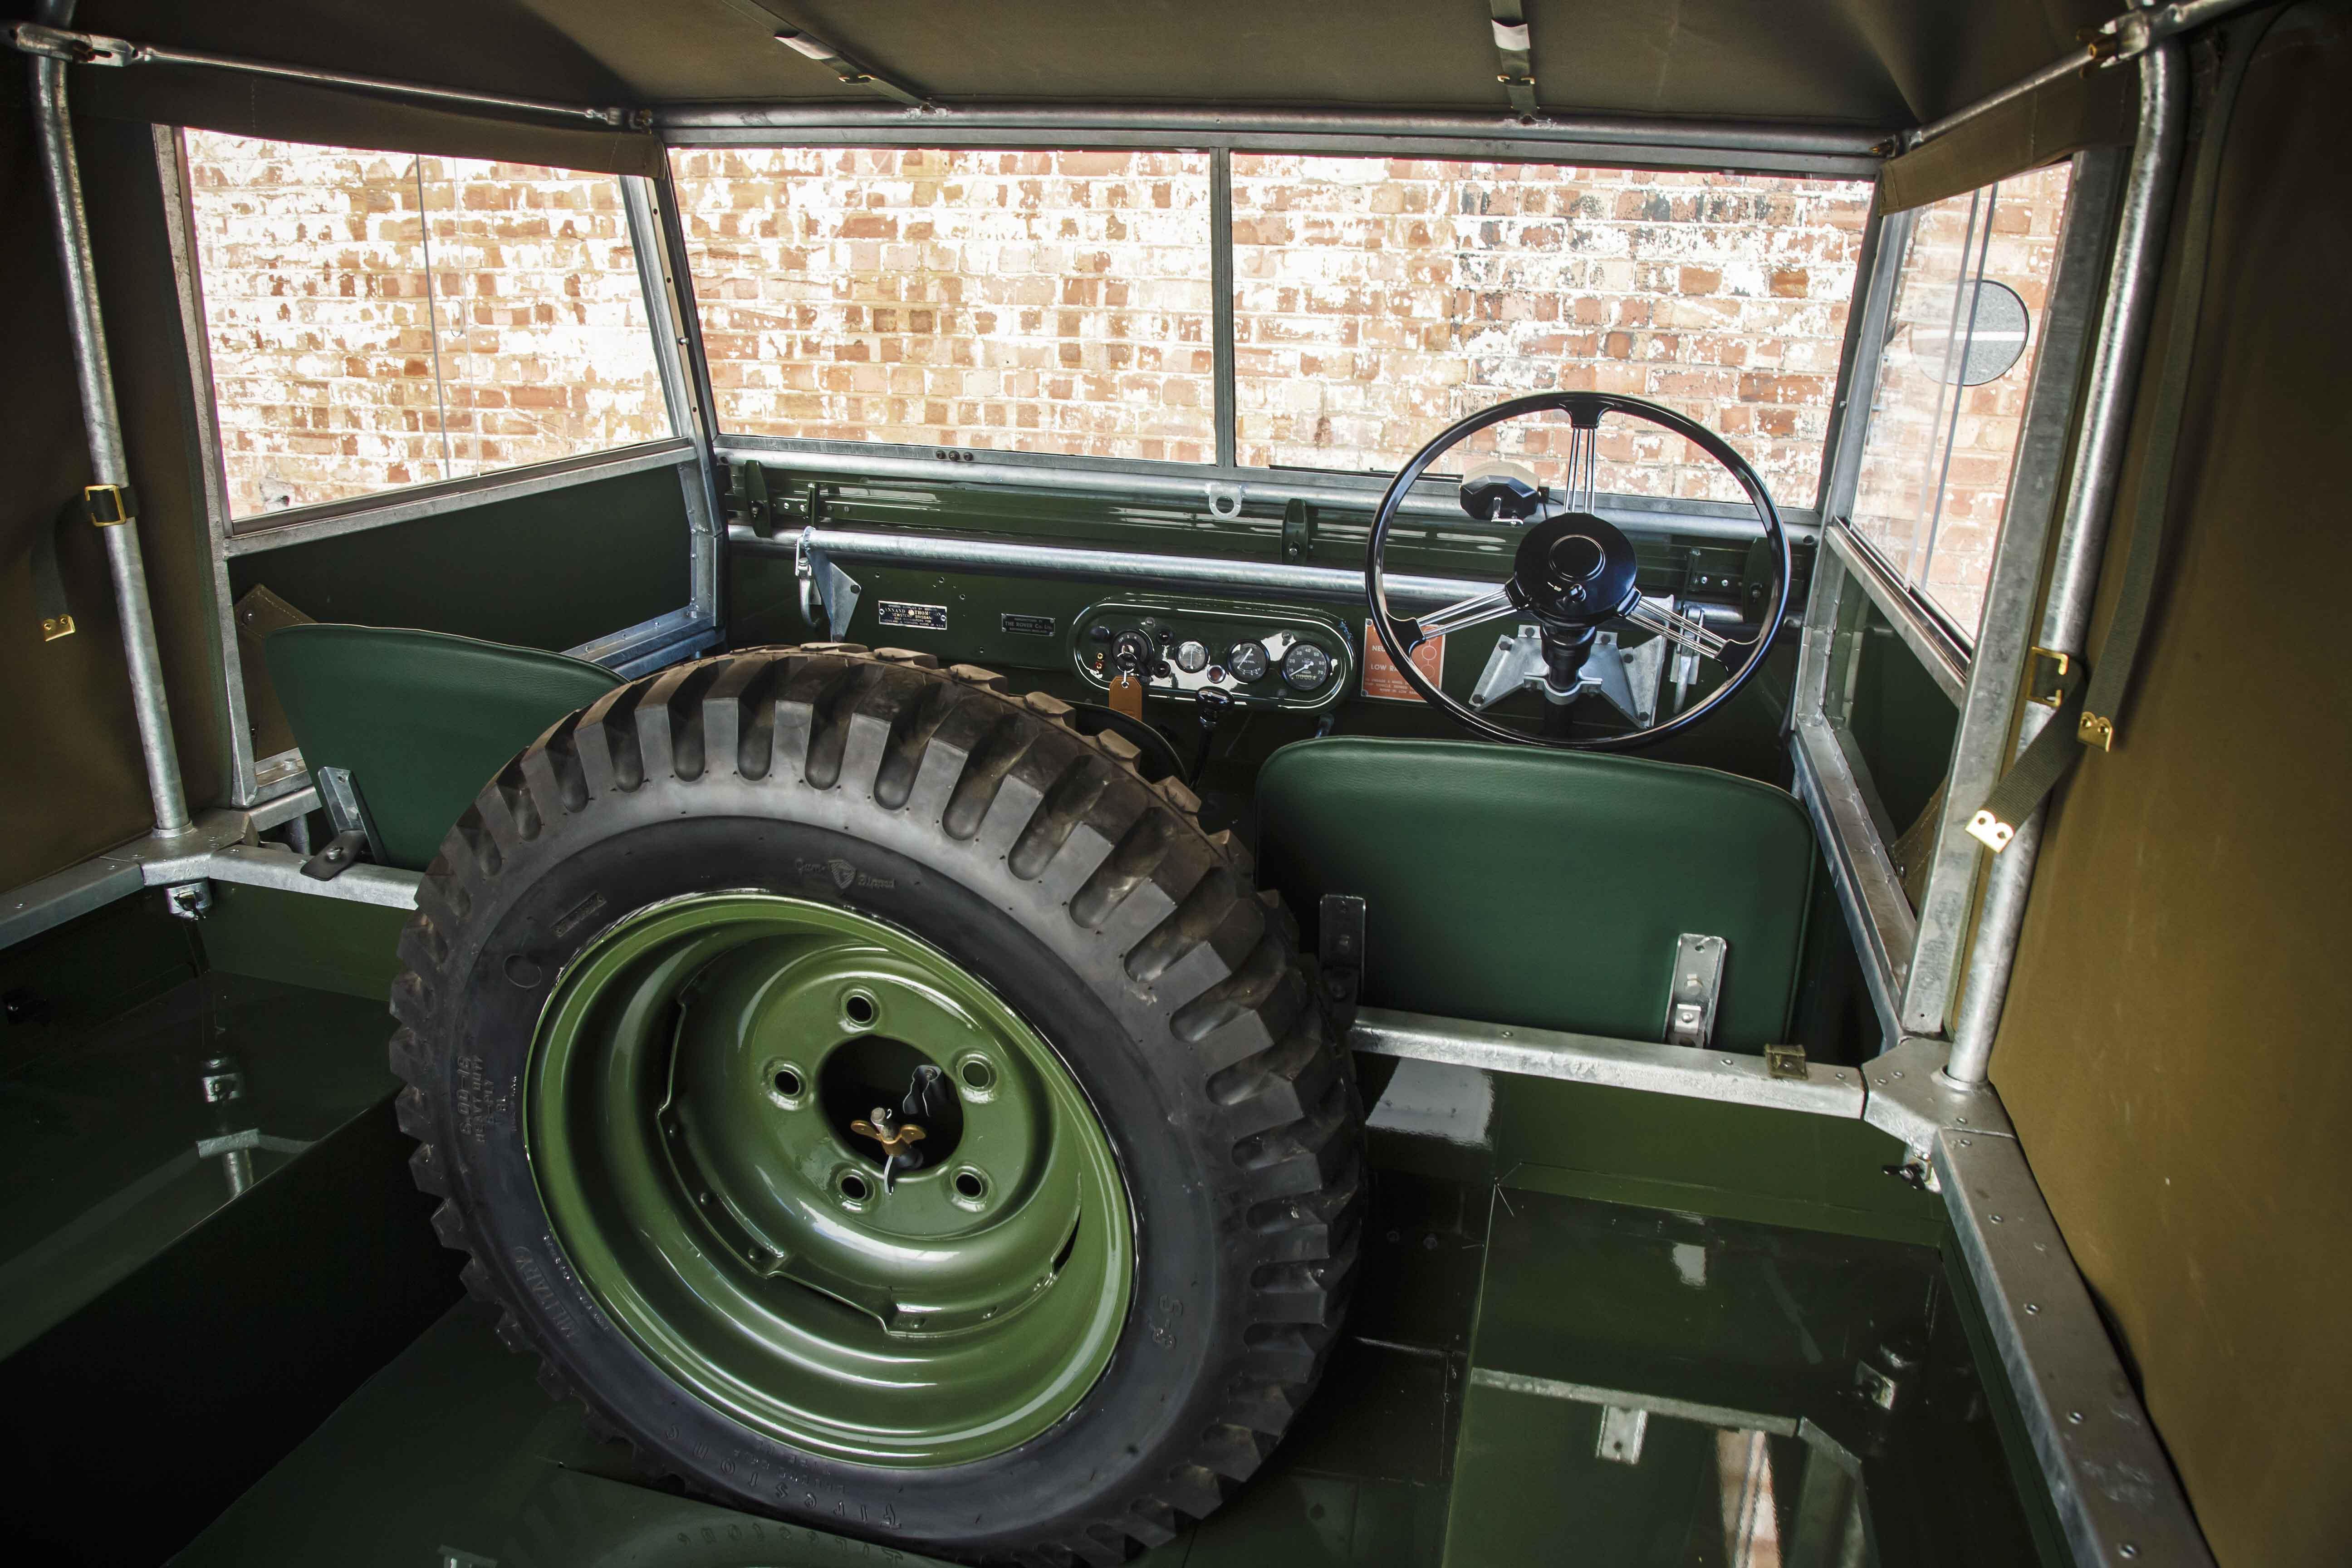 Land Rover Série 1 interior